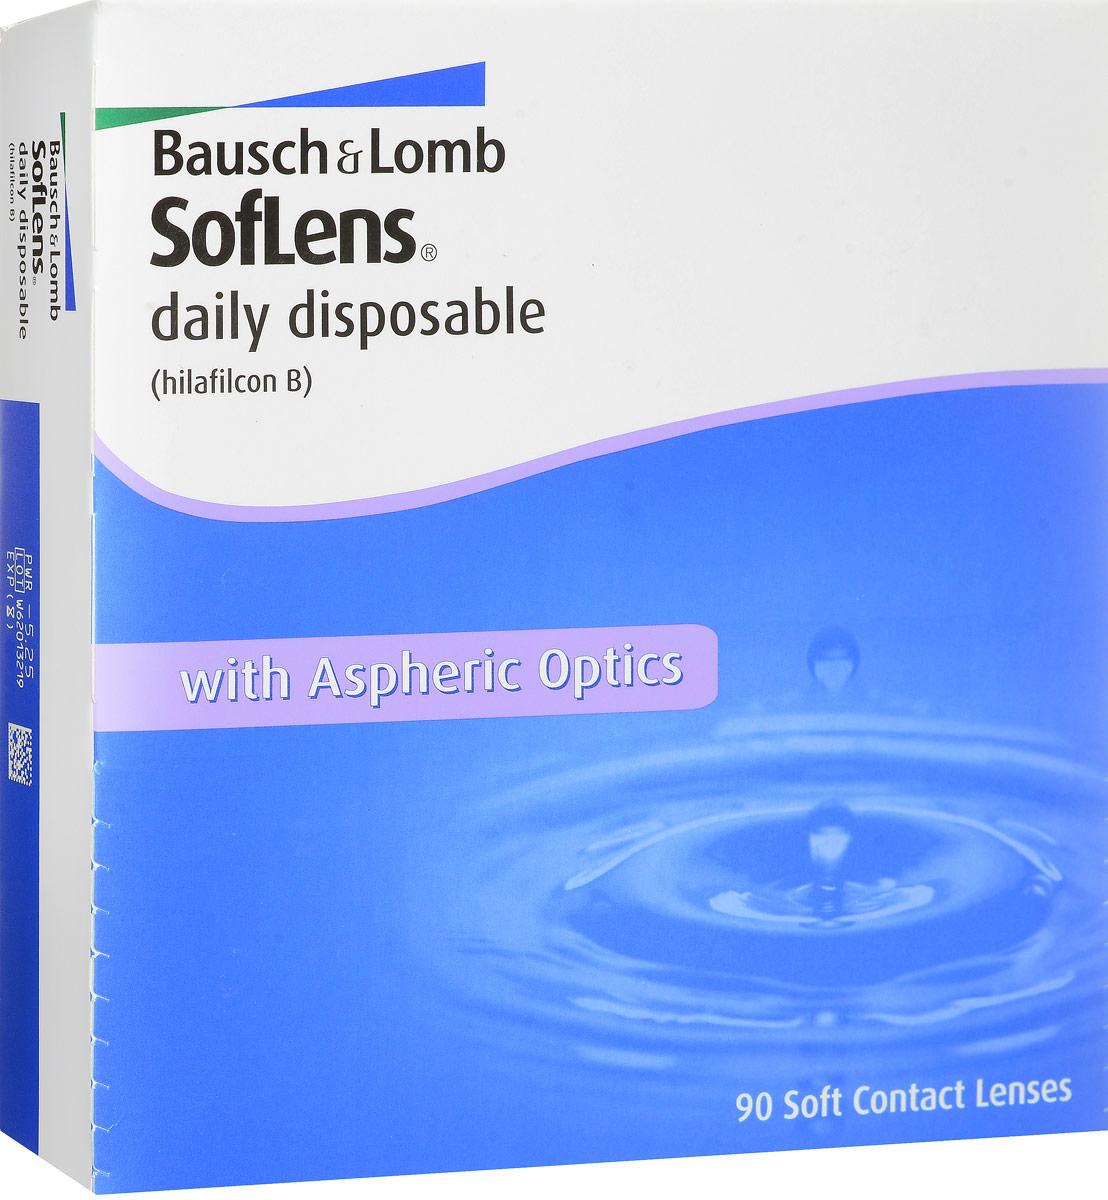 Bausch + Lomb контактные линзы Soflens Daily Disposable (90шт / 8.6 / -5.25)07571Контактные линзы SofLens Daily Disposable - это однодневные гидрогелевые линзы с асферическим дизайном и увлажняющим компонентом, который содержится в растворе блистера. Преимущество однодневных линз заключается в том, что проблема ухода за линзами и потеря качества снимаются автоматически. Тончайший дизайн и превосходные свойства материала (хилафилкон Б) высокого влагосодержания гарантируют постоянное увлажнение поверхности линзы и комфорт на целый день.Улучшенный дизайн исключает сферические аберрации, обеспечивая четкость зрения. Линзы подходят для эксплуатации в условиях недостаточной освещенности. Эластичный и мягкий полимер (хилафилкон Б) защищает от слезотечения даже тех, кто впервые пользуется линзами. Для облегчения манипуляций с линзами разработана специальная эргономичная упаковка.Новые однодневные контактные линзы SofLens Daily Disposable идеально подойдут людям, пользующимся контактными линзами от случая к случаю (1-2 раз в неделю), которые ведут активный образ жизни, увлекаются путешествиями и спортом. SofLens Daily Disposable подойдут и тем, кто имеет склонность к аллергическим реакциям.Замена каждый день. Характеристики:Материал: хилафилкон Б. Кривизна: 8.6. Оптическая сила: - 5.25. Содержание воды: 59%. Диаметр: 14,2 мм. Количество линз: 90 шт. Размер упаковки: 16 см х 3,5 см х 16,5 см. Производитель: Ирландия. Товар сертифицирован.Контактные линзы или очки: советы офтальмологов. Статья OZON Гид